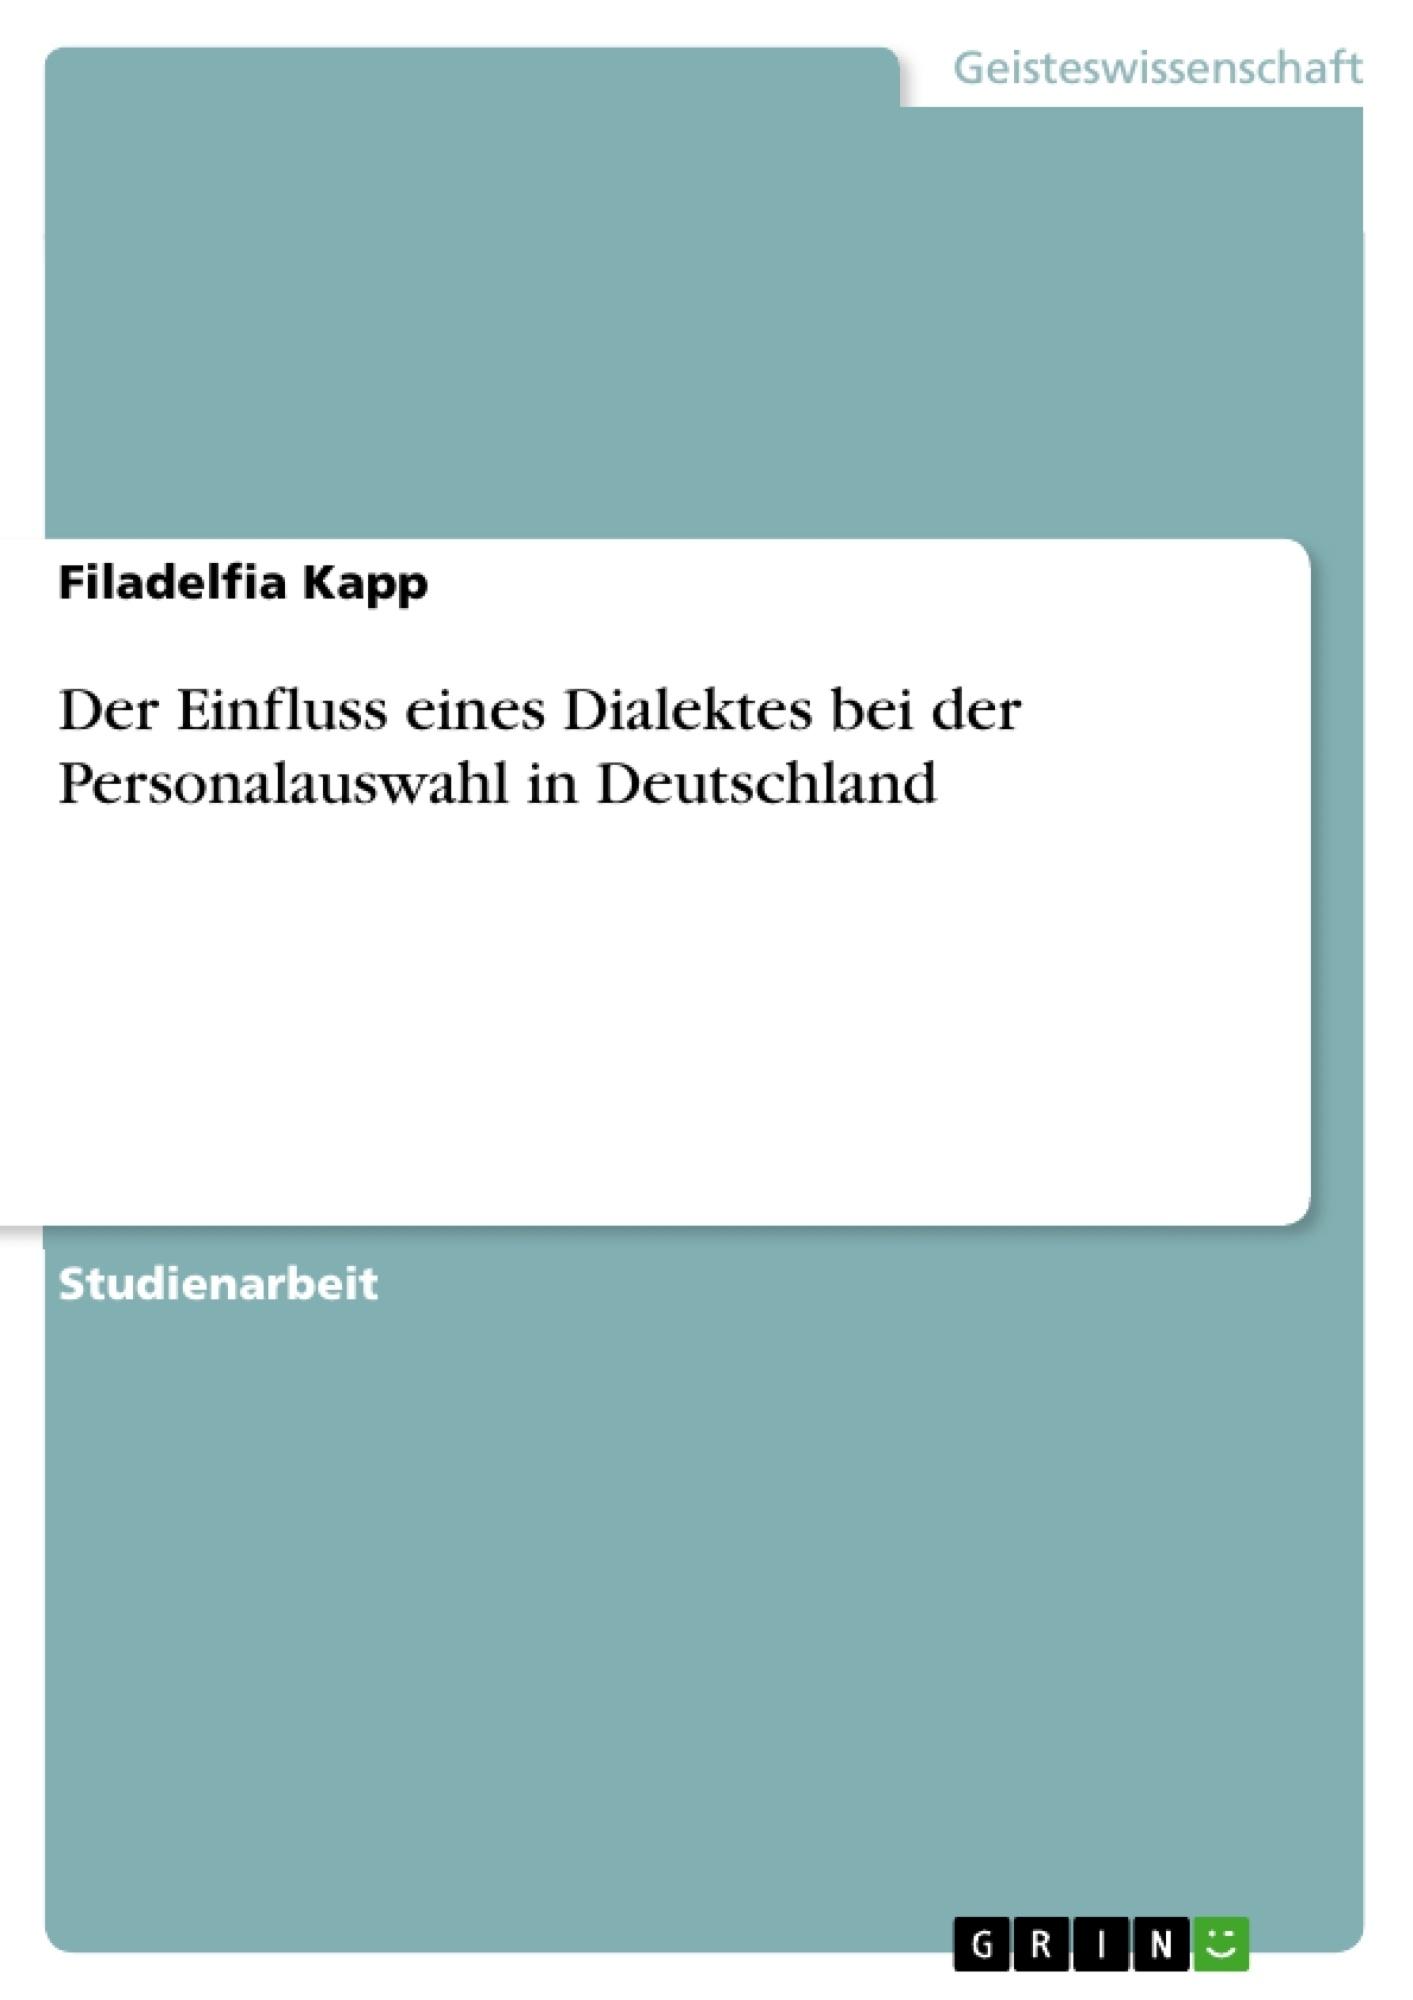 Titel: Der Einfluss eines Dialektes bei der Personalauswahl in Deutschland